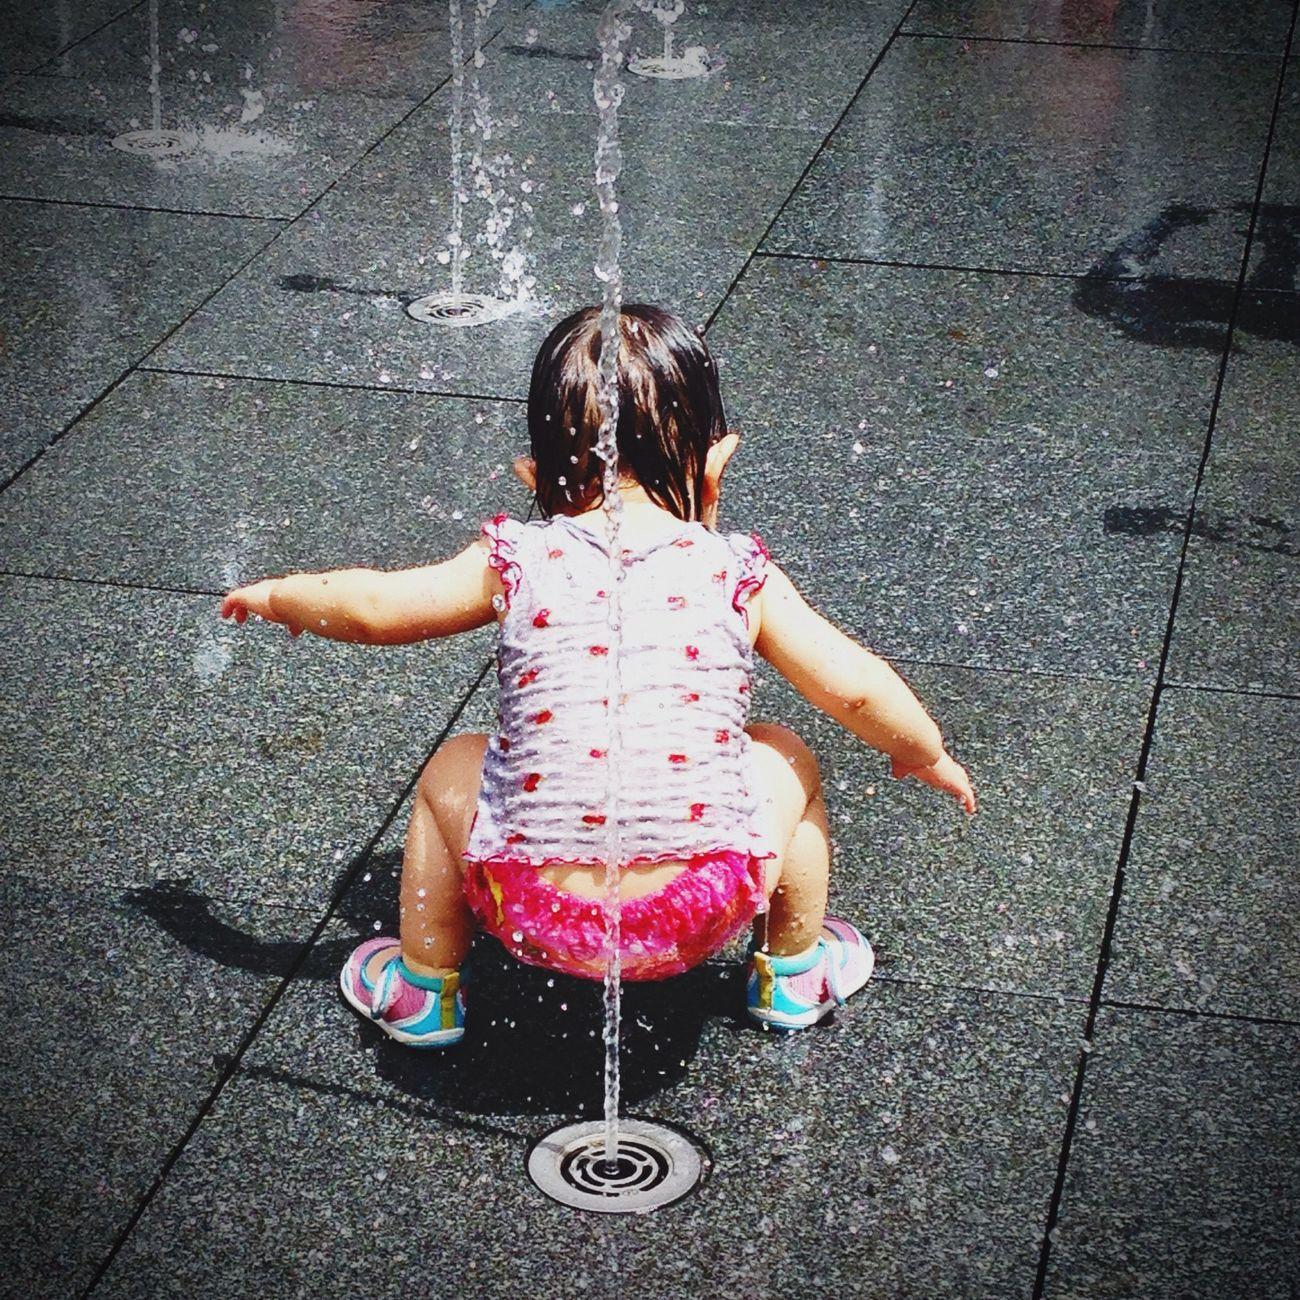 水遊び 夏 Summer Summer ☀ Summer2015 Sunny Day Water ソラマチ スカイツリー